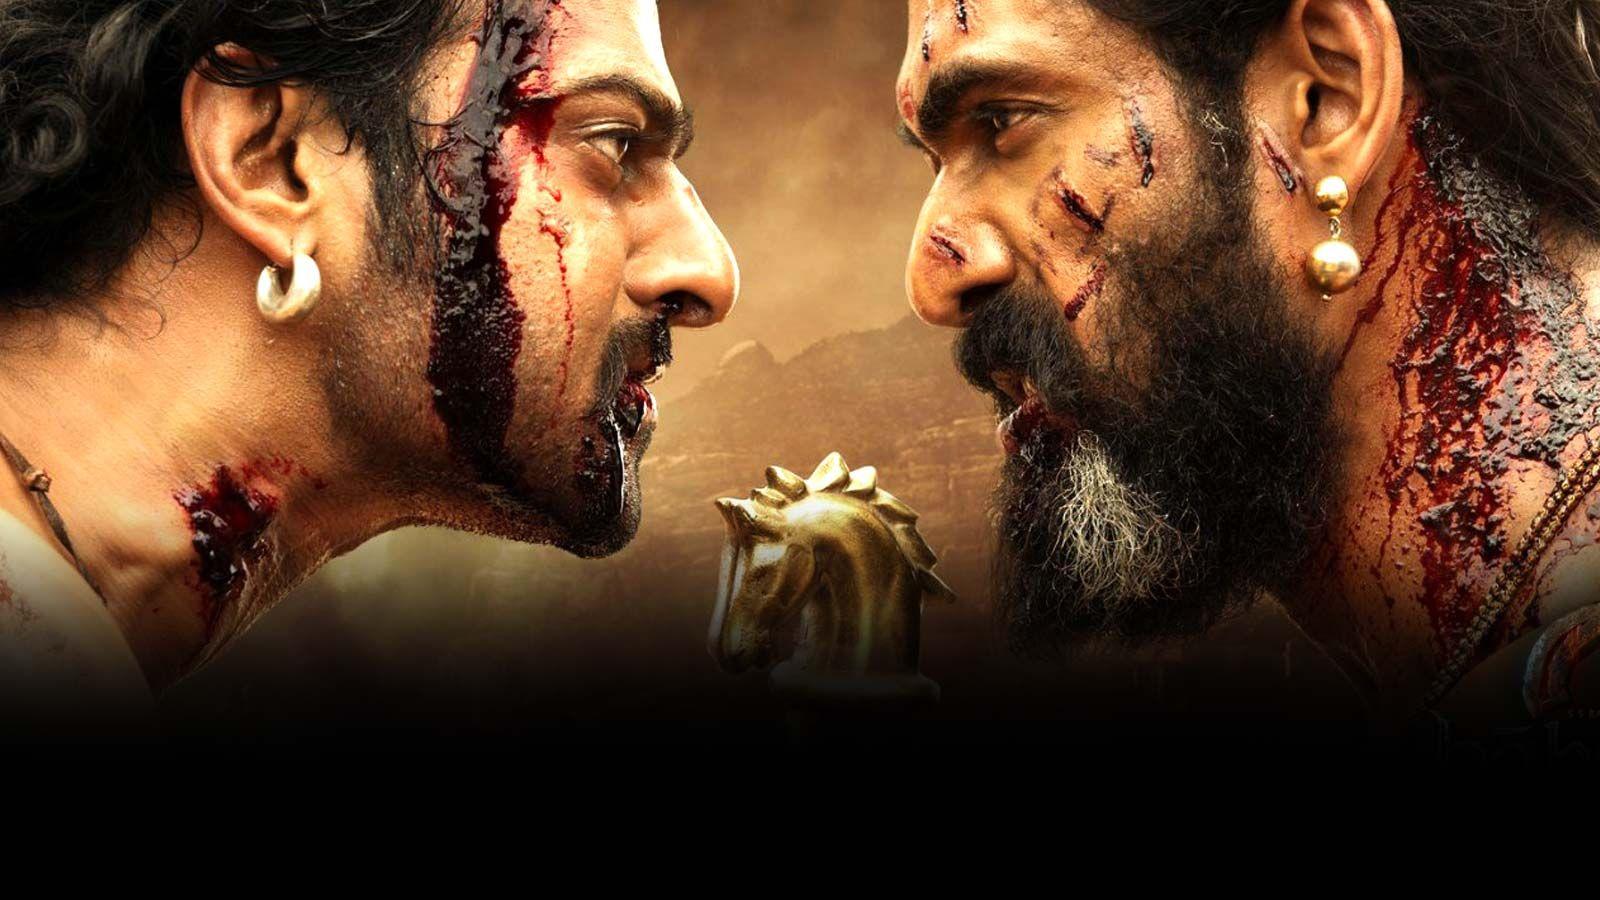 Descargar Baahubali 2 La Conclusion Gratis En 1 Link Por Mega Disfruta De Peliculas Con Excelente Calidad Sin Bahubali 2 Full Movie Prabhas Actor Bahubali 2